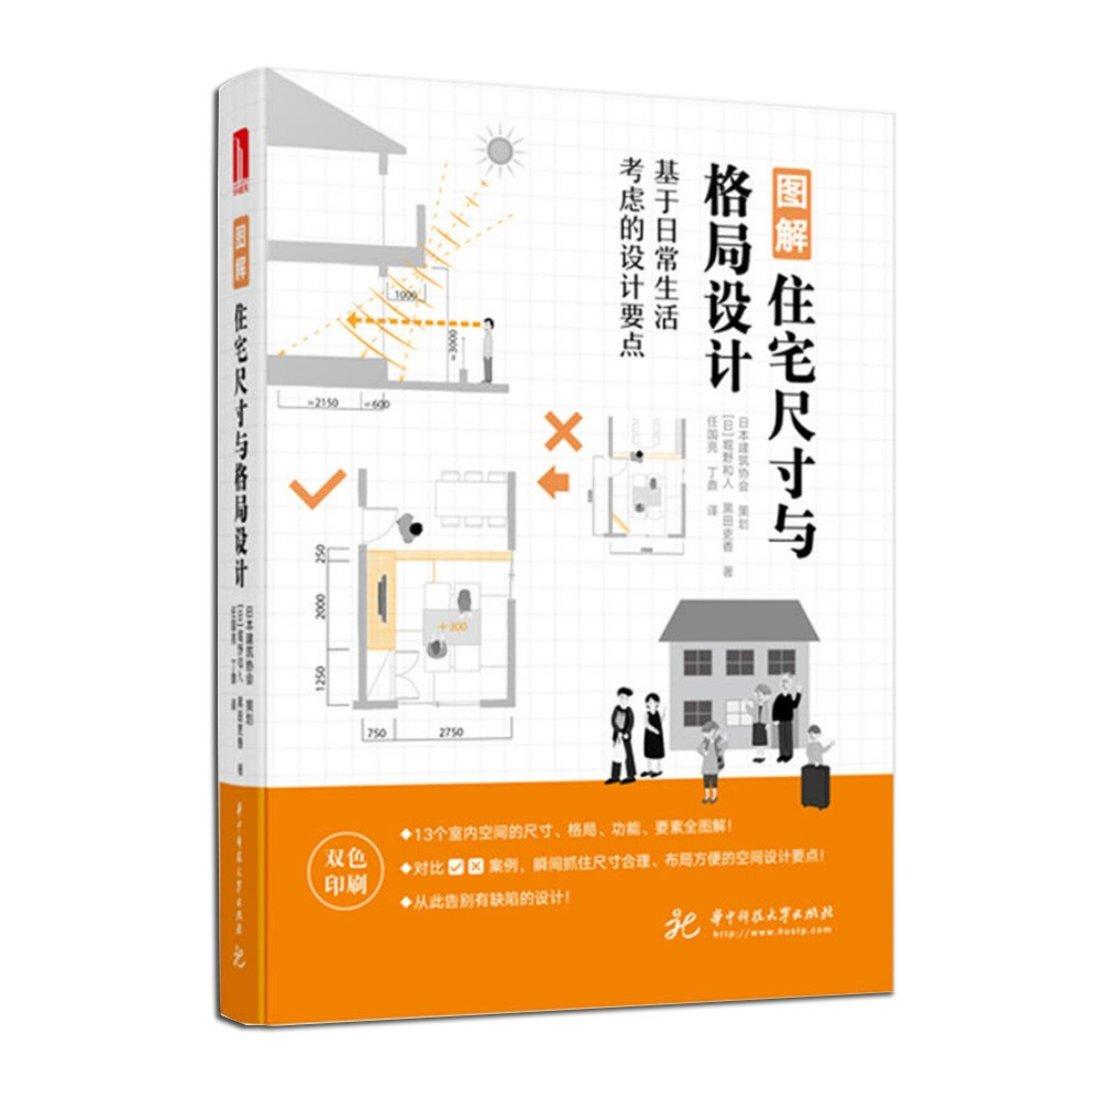 《图解住宅尺寸与格局设计》